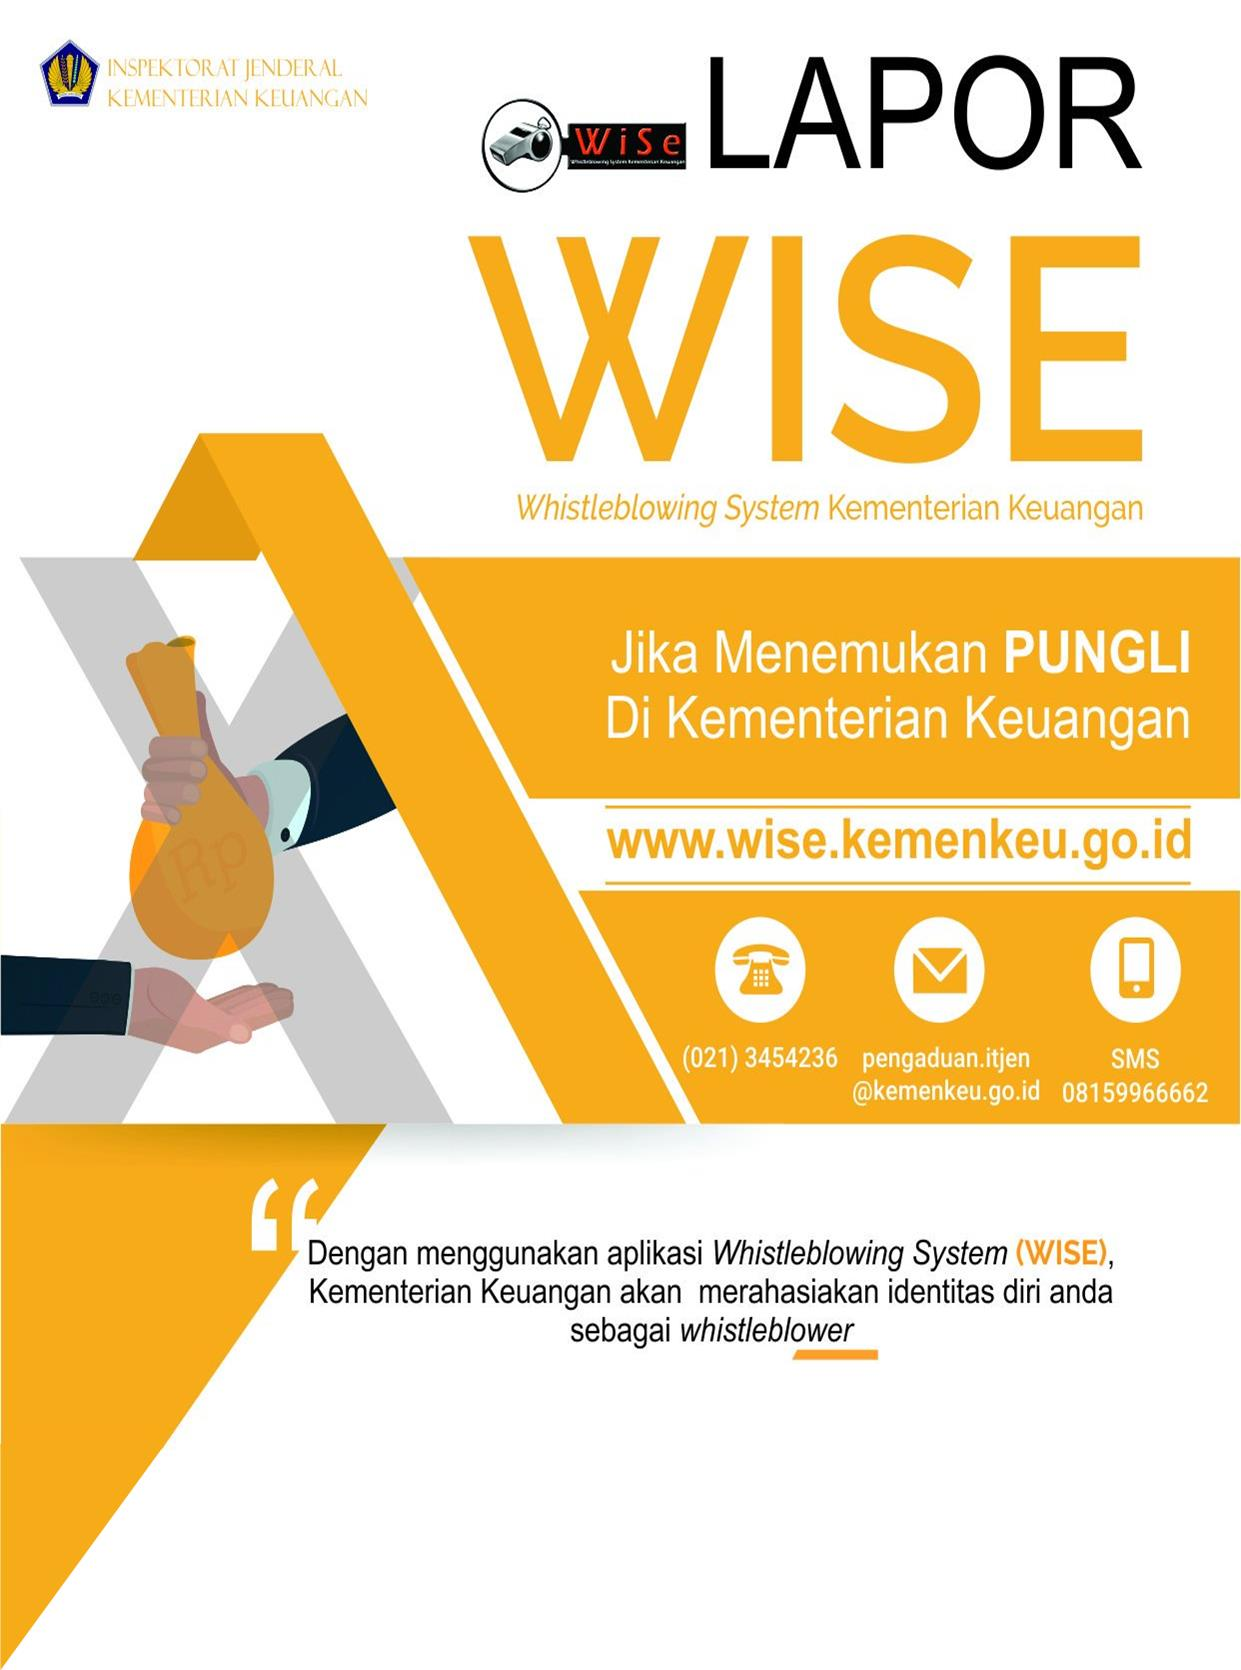 Lapor WISE (Whistleblowing System Kementerian Keuangan)